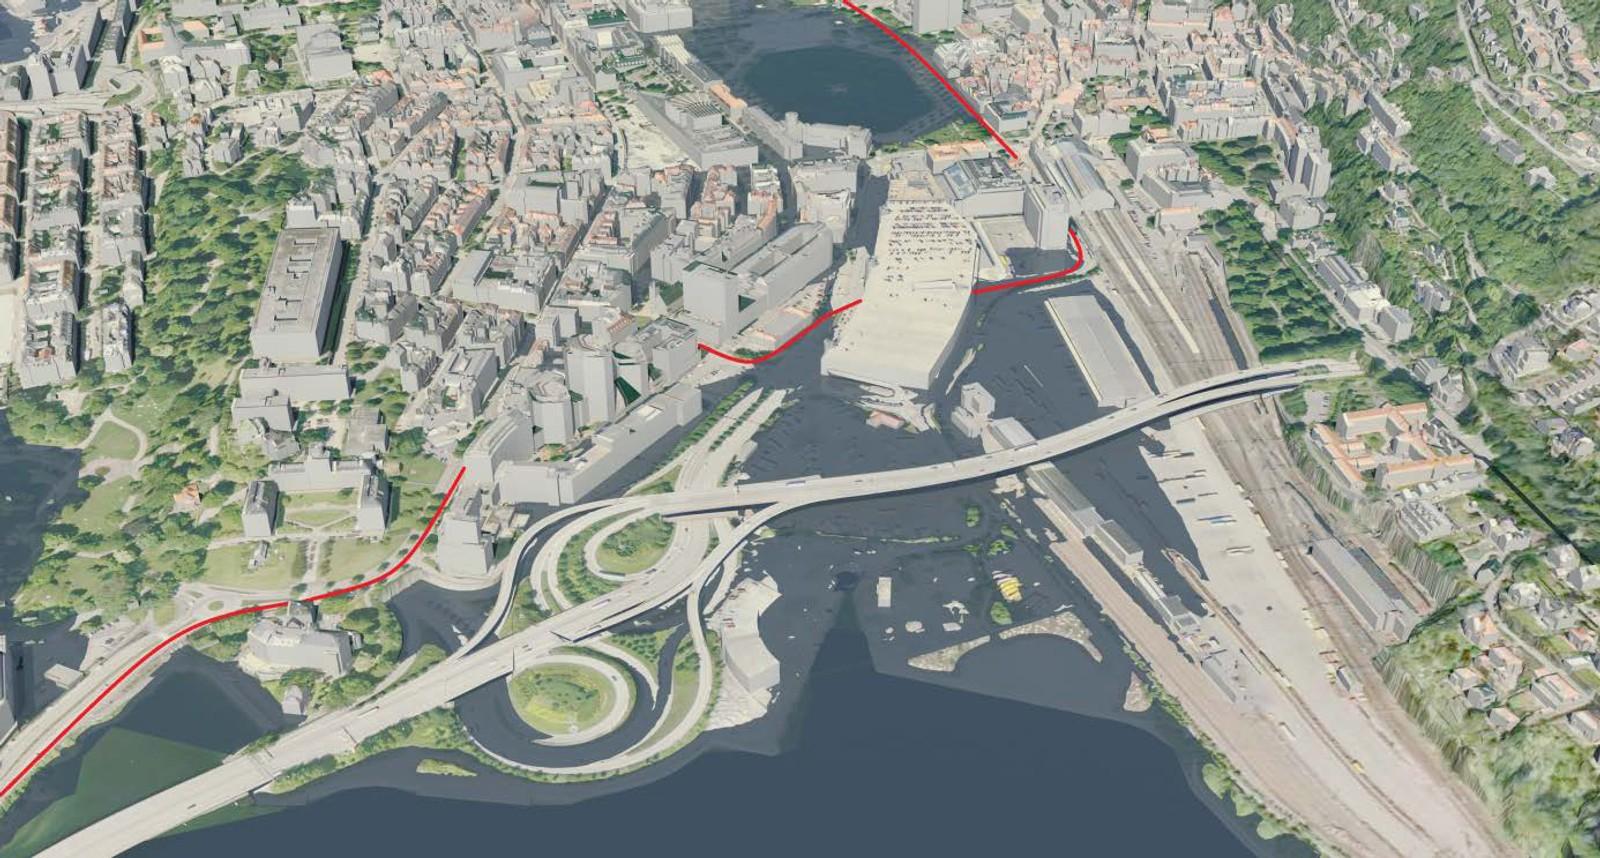 NYGÅRDSTANGEN: Illustrasjonen viser at også deler av bybanetraseen gjennom sentrum vil bli oversvømt ved vasstand 2,37 meter over sjøkartnull.